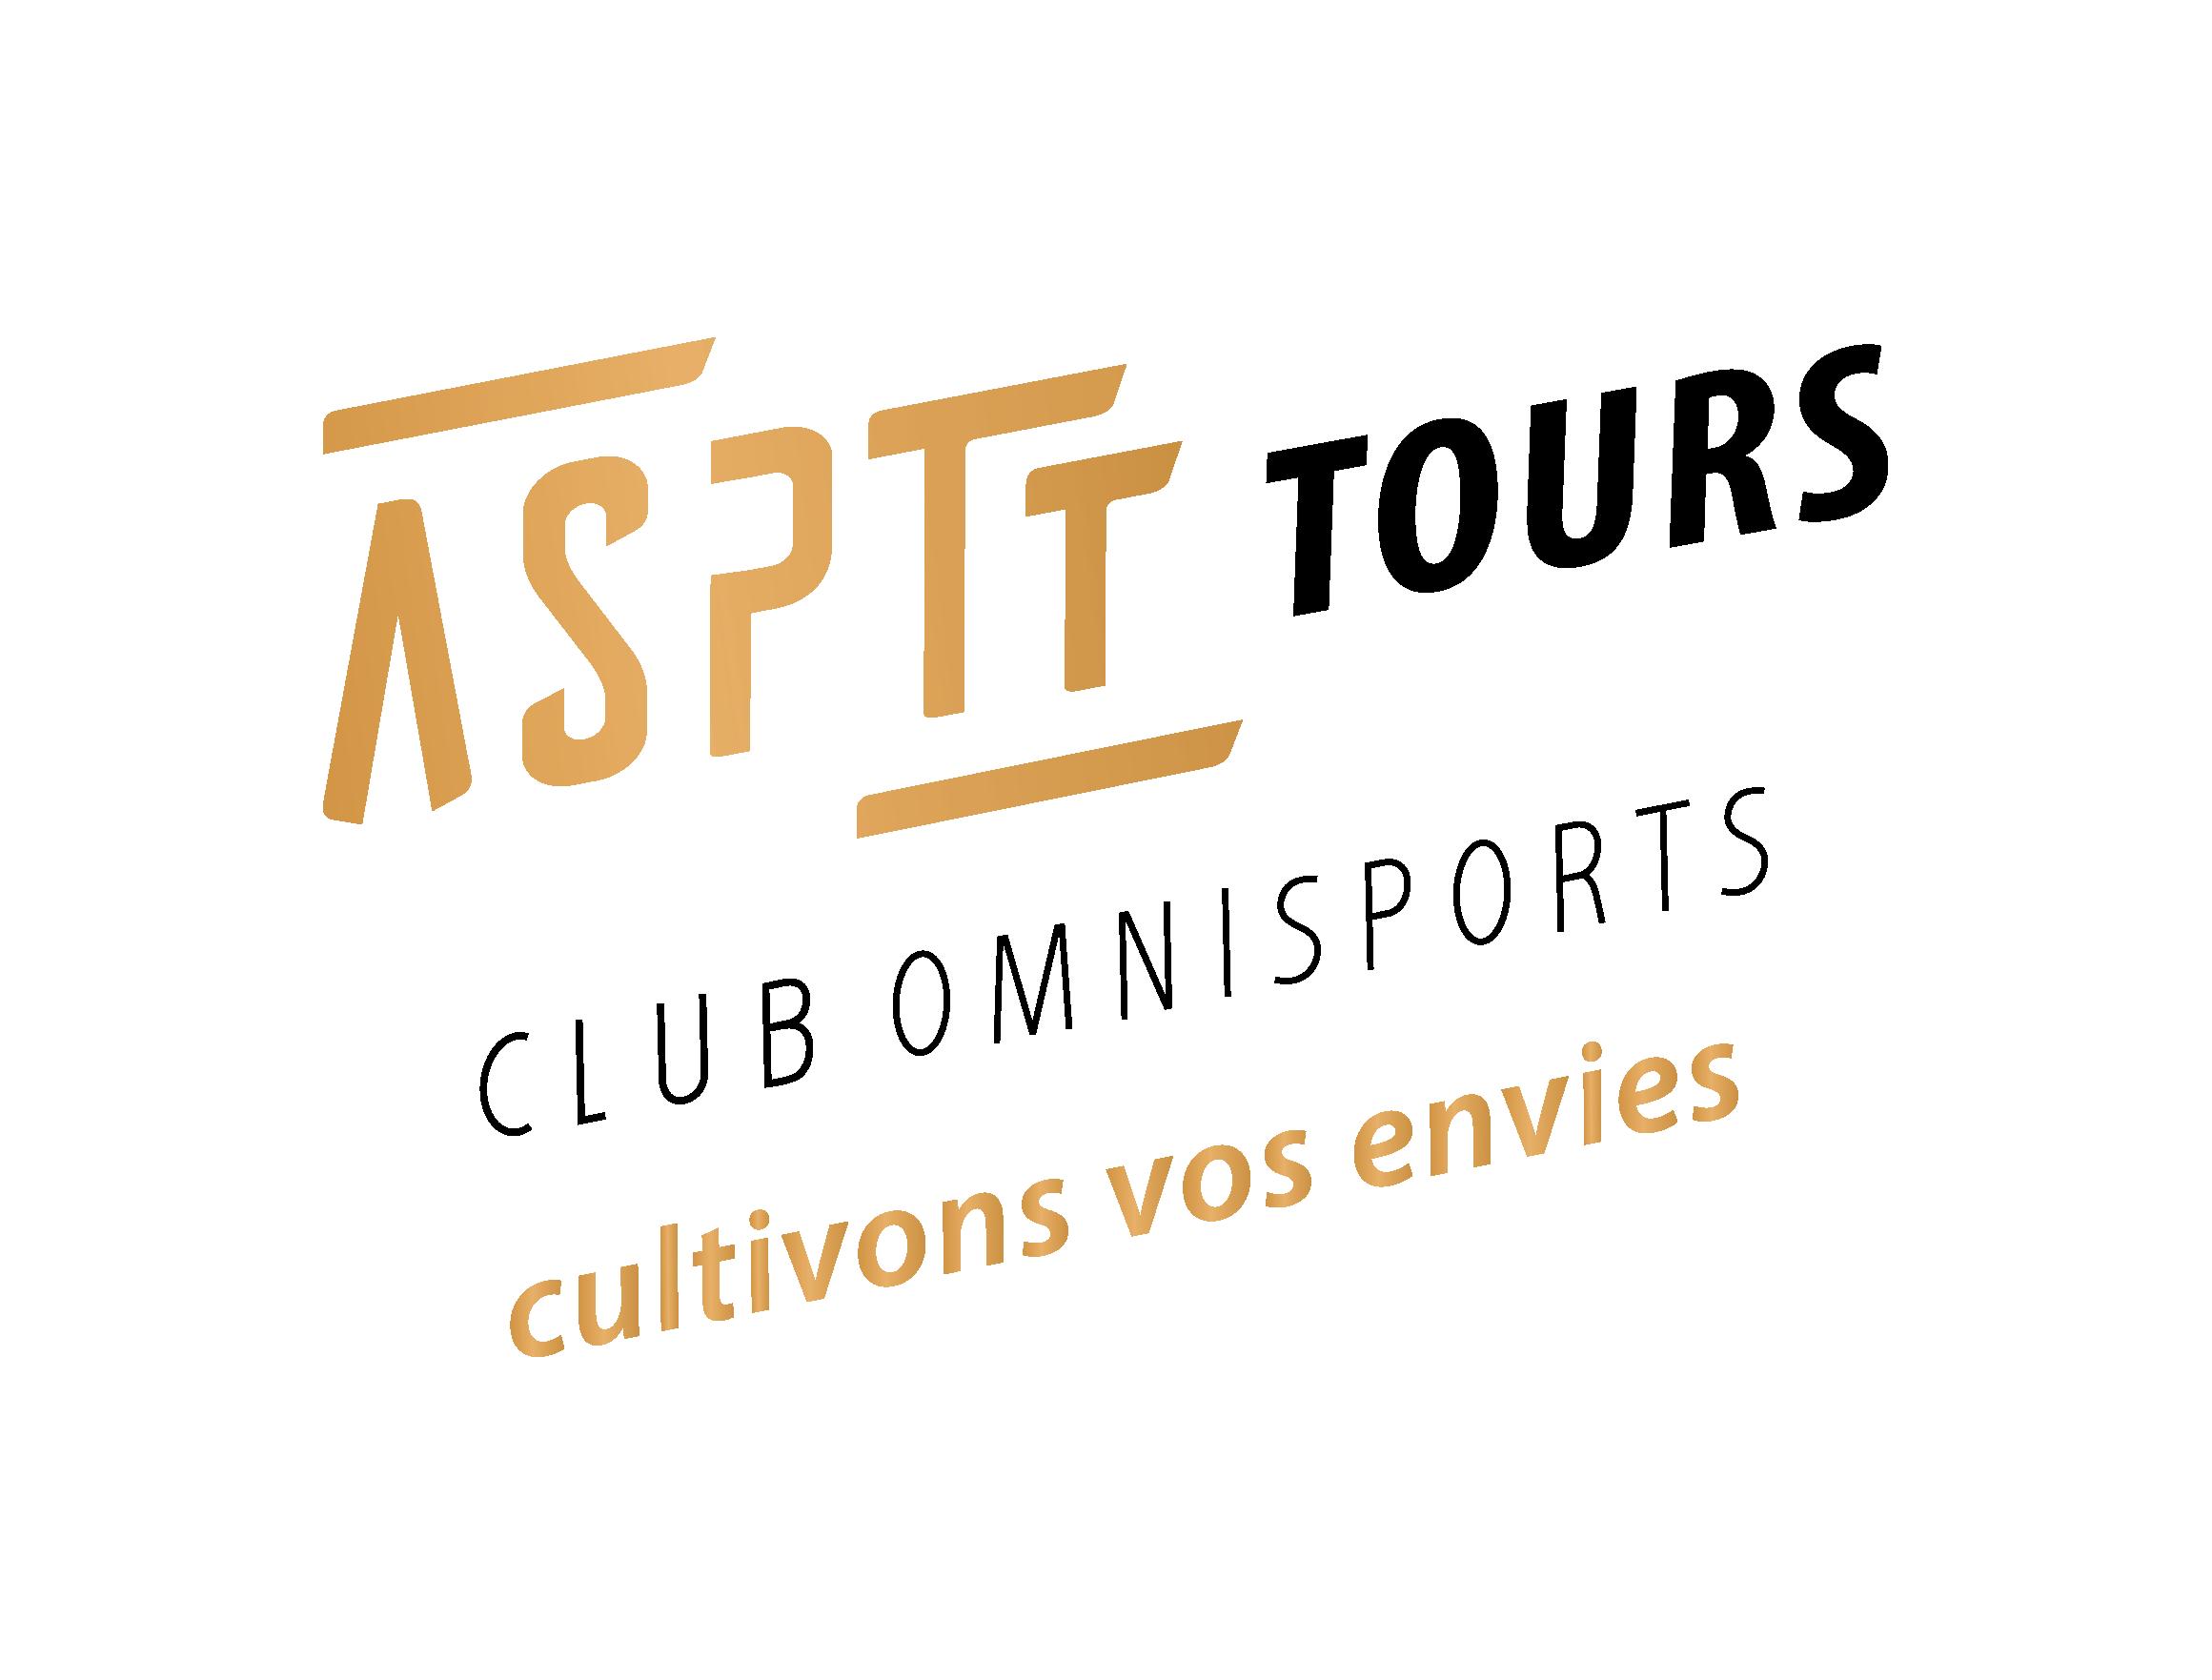 ASPTT Tours